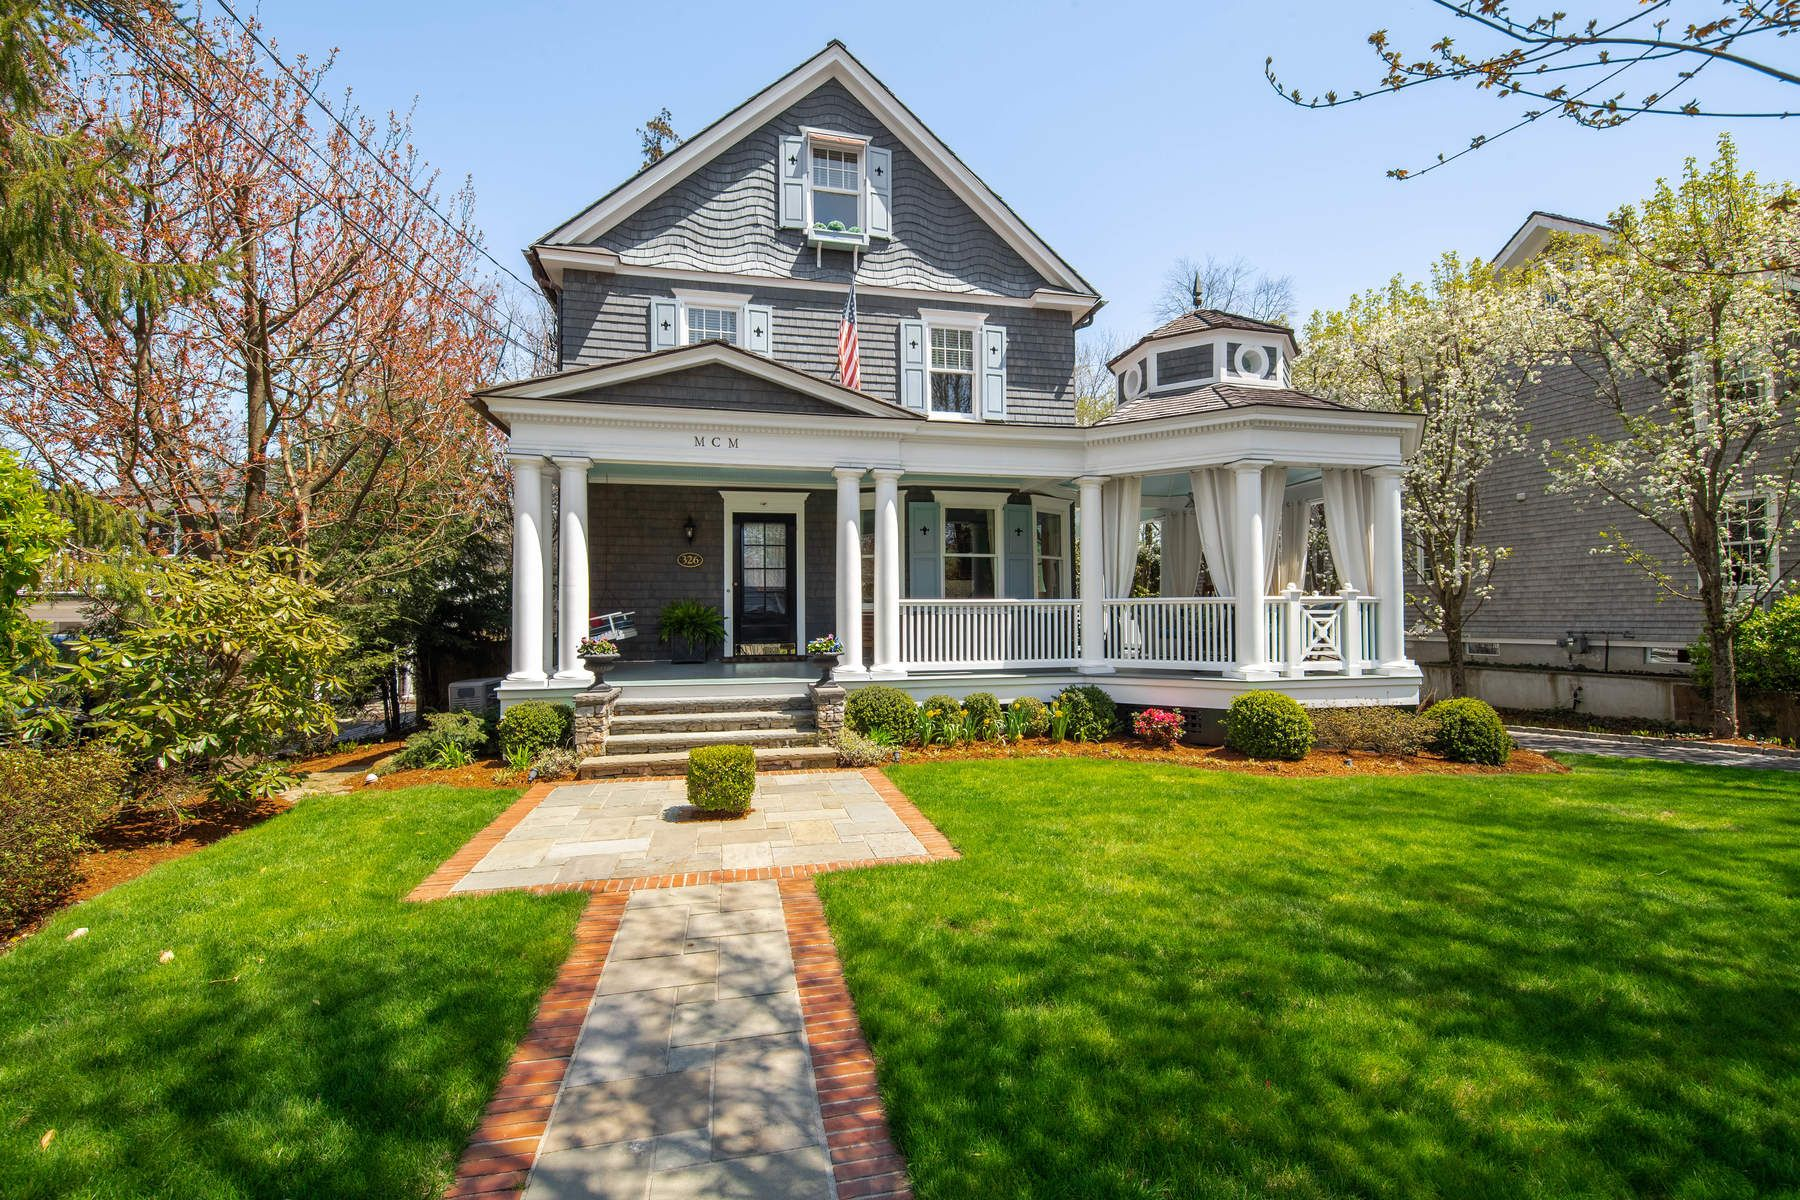 Maison unifamiliale pour l Vente à Ideal Old Greenwich Living 326 Sound Beach Avenue Old Greenwich, Connecticut 06870 États-Unis